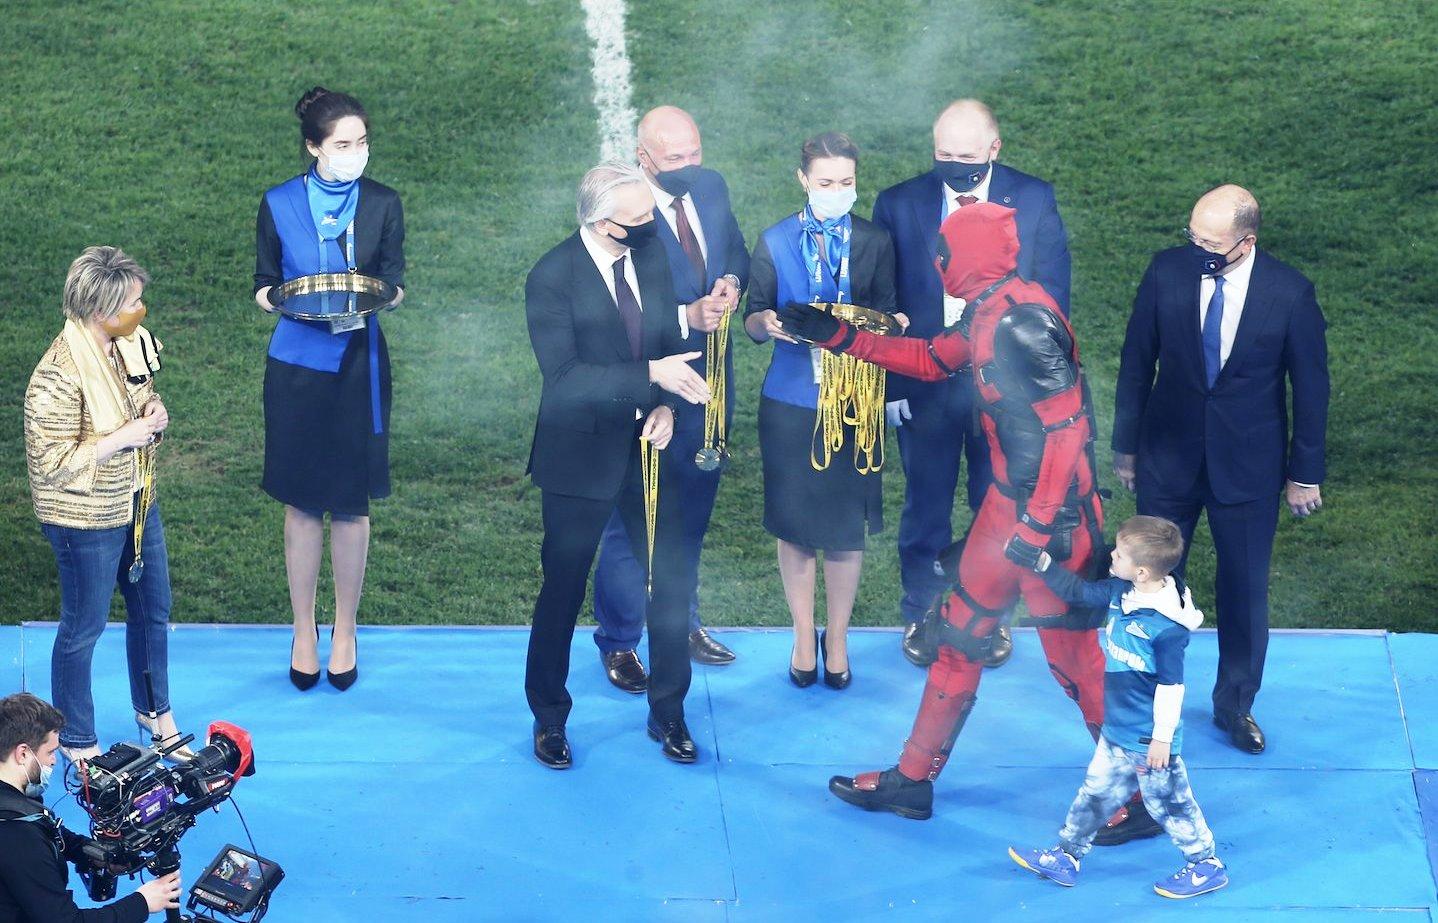 Артем Дзюба получил награду за победу «Зенита» в костюме Дэдпула